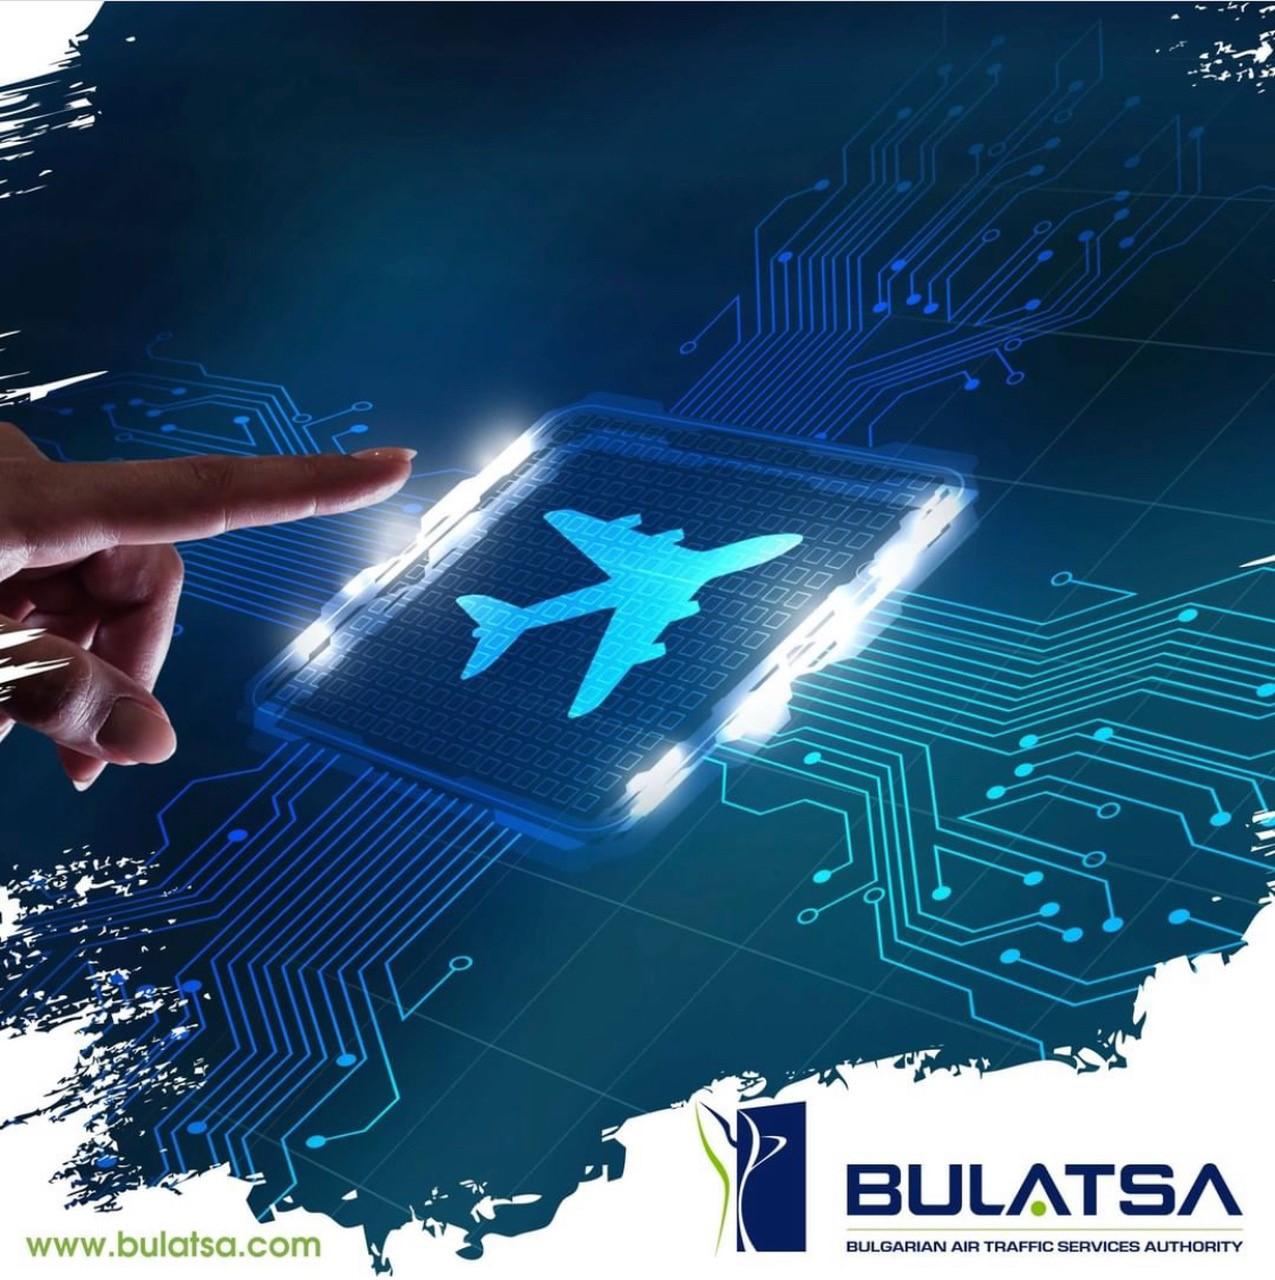 """BULATSA търси Авиоинженер-КДП в сектор """"Системи за обработка и изобразяване на полетна и радарна информация"""" (СОИПРИ) в София"""